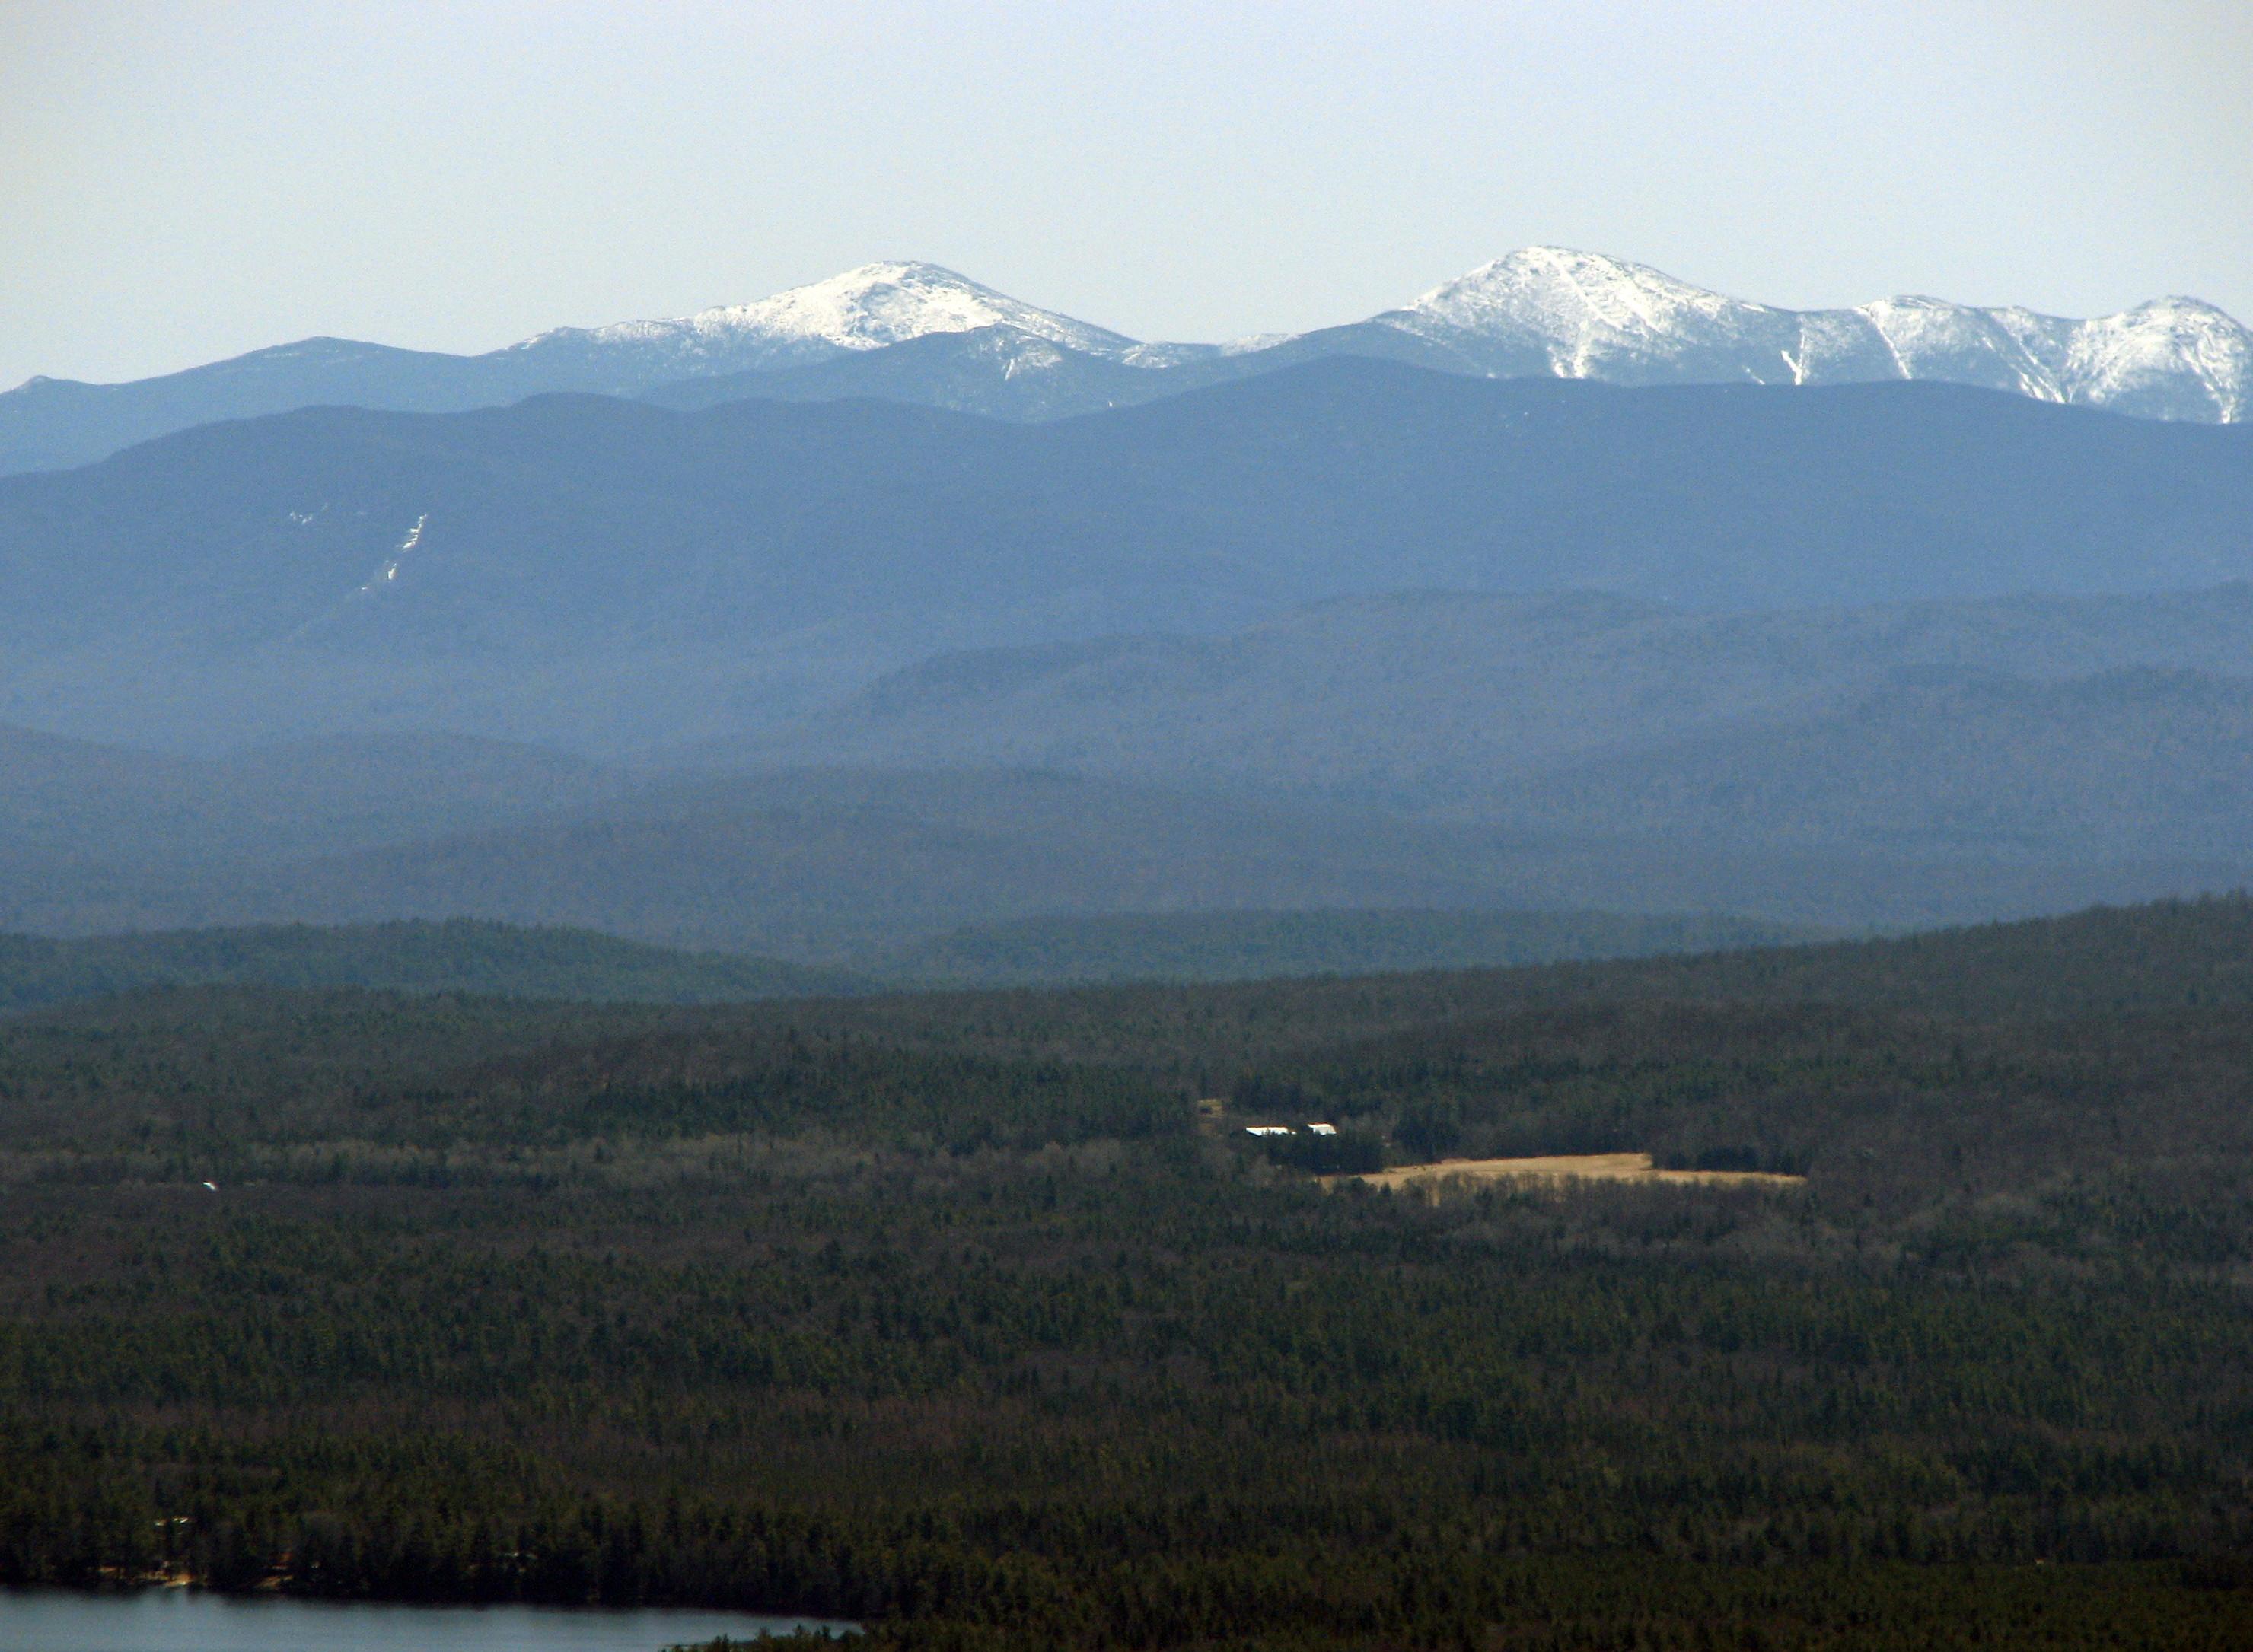 High_Peaks_from_St_Regis_Mtn.jpg